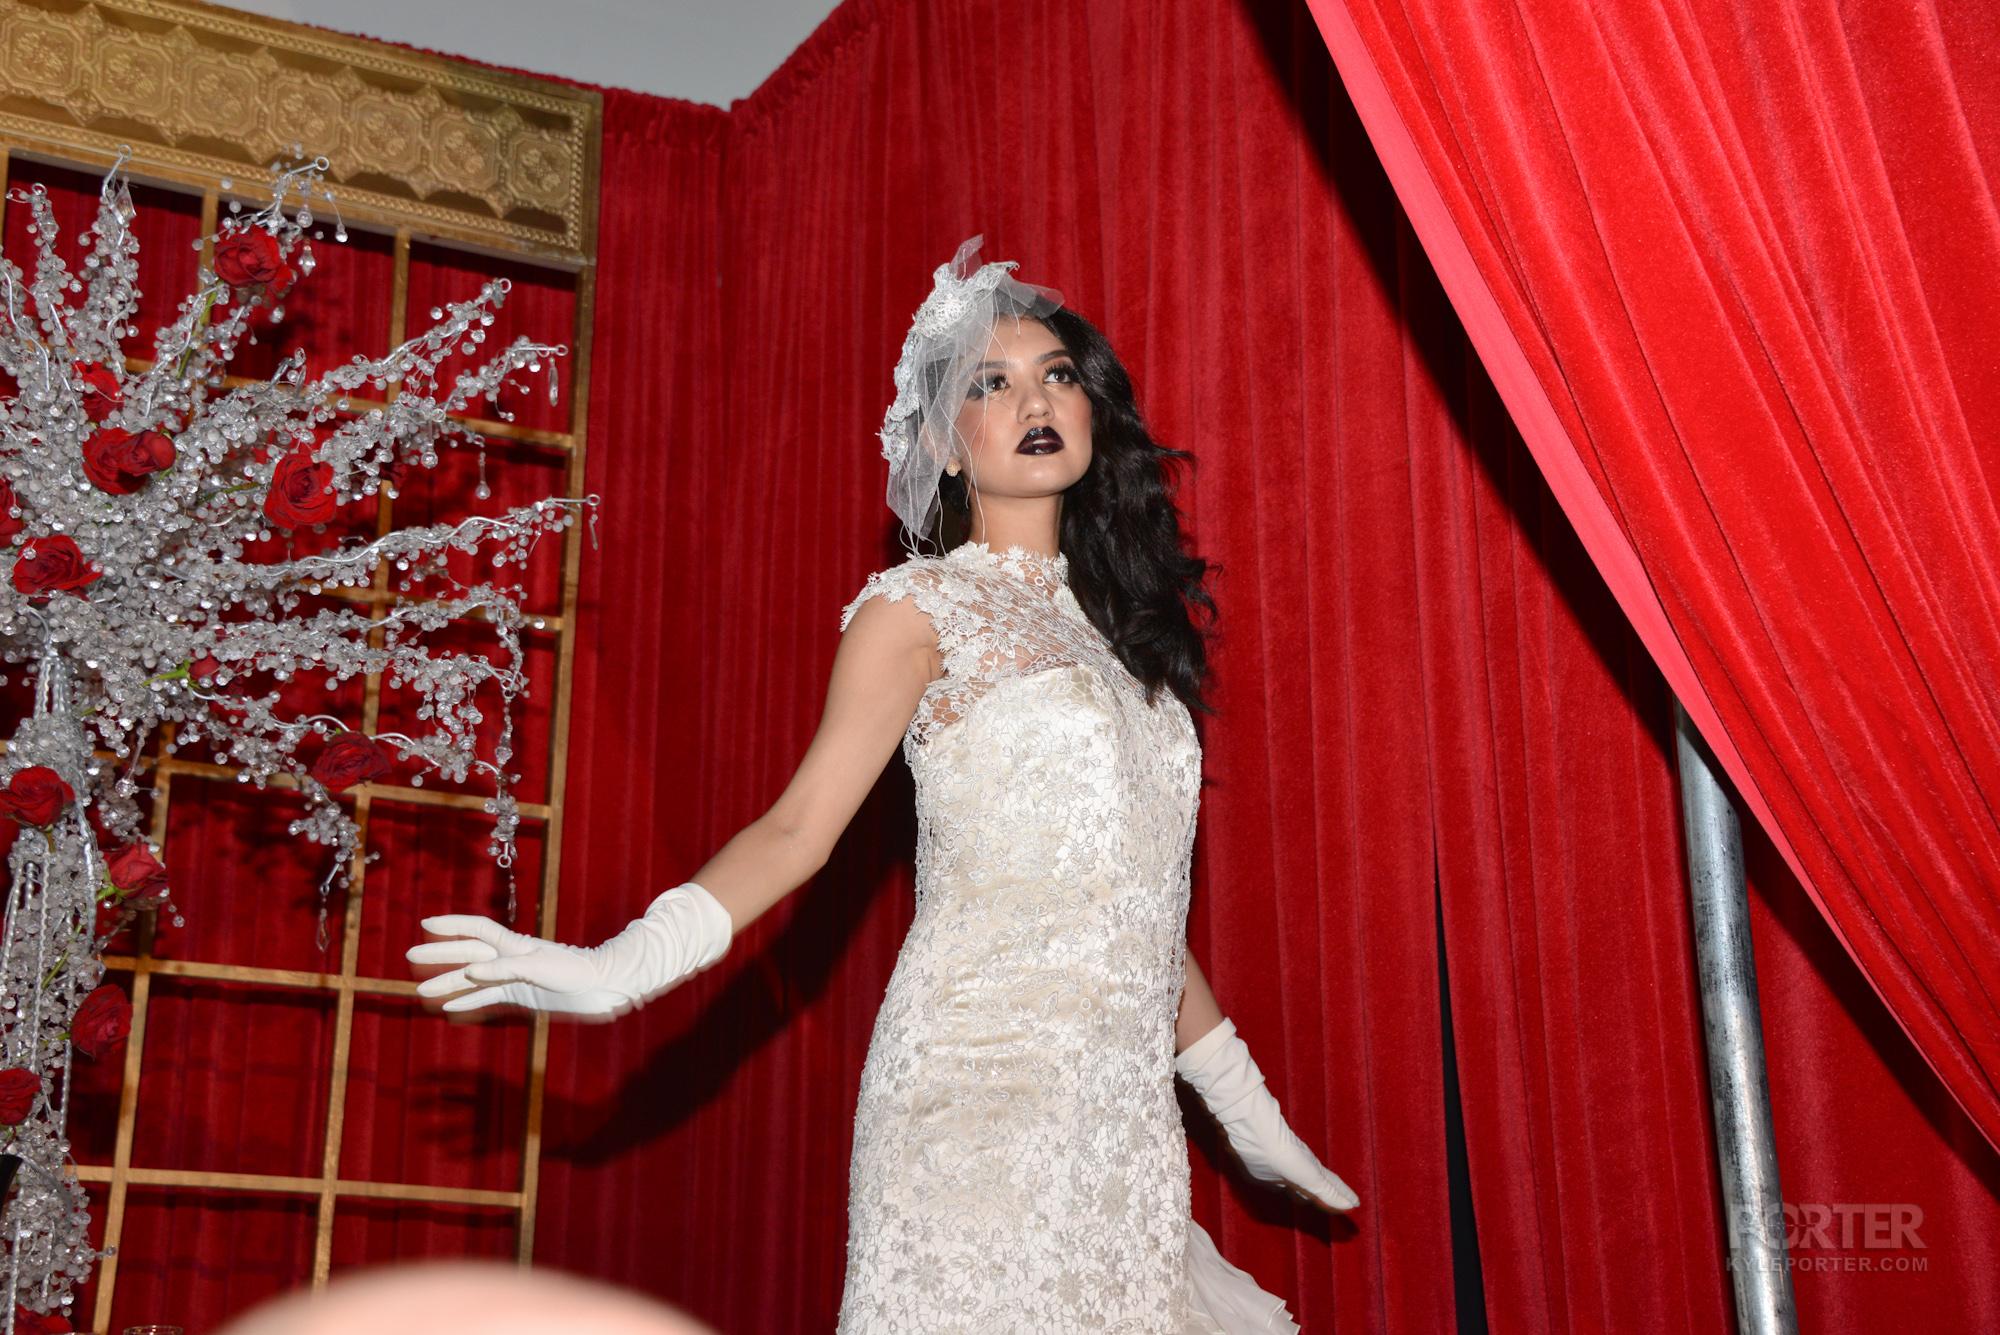 sherama couture wedding dress via genpink.com